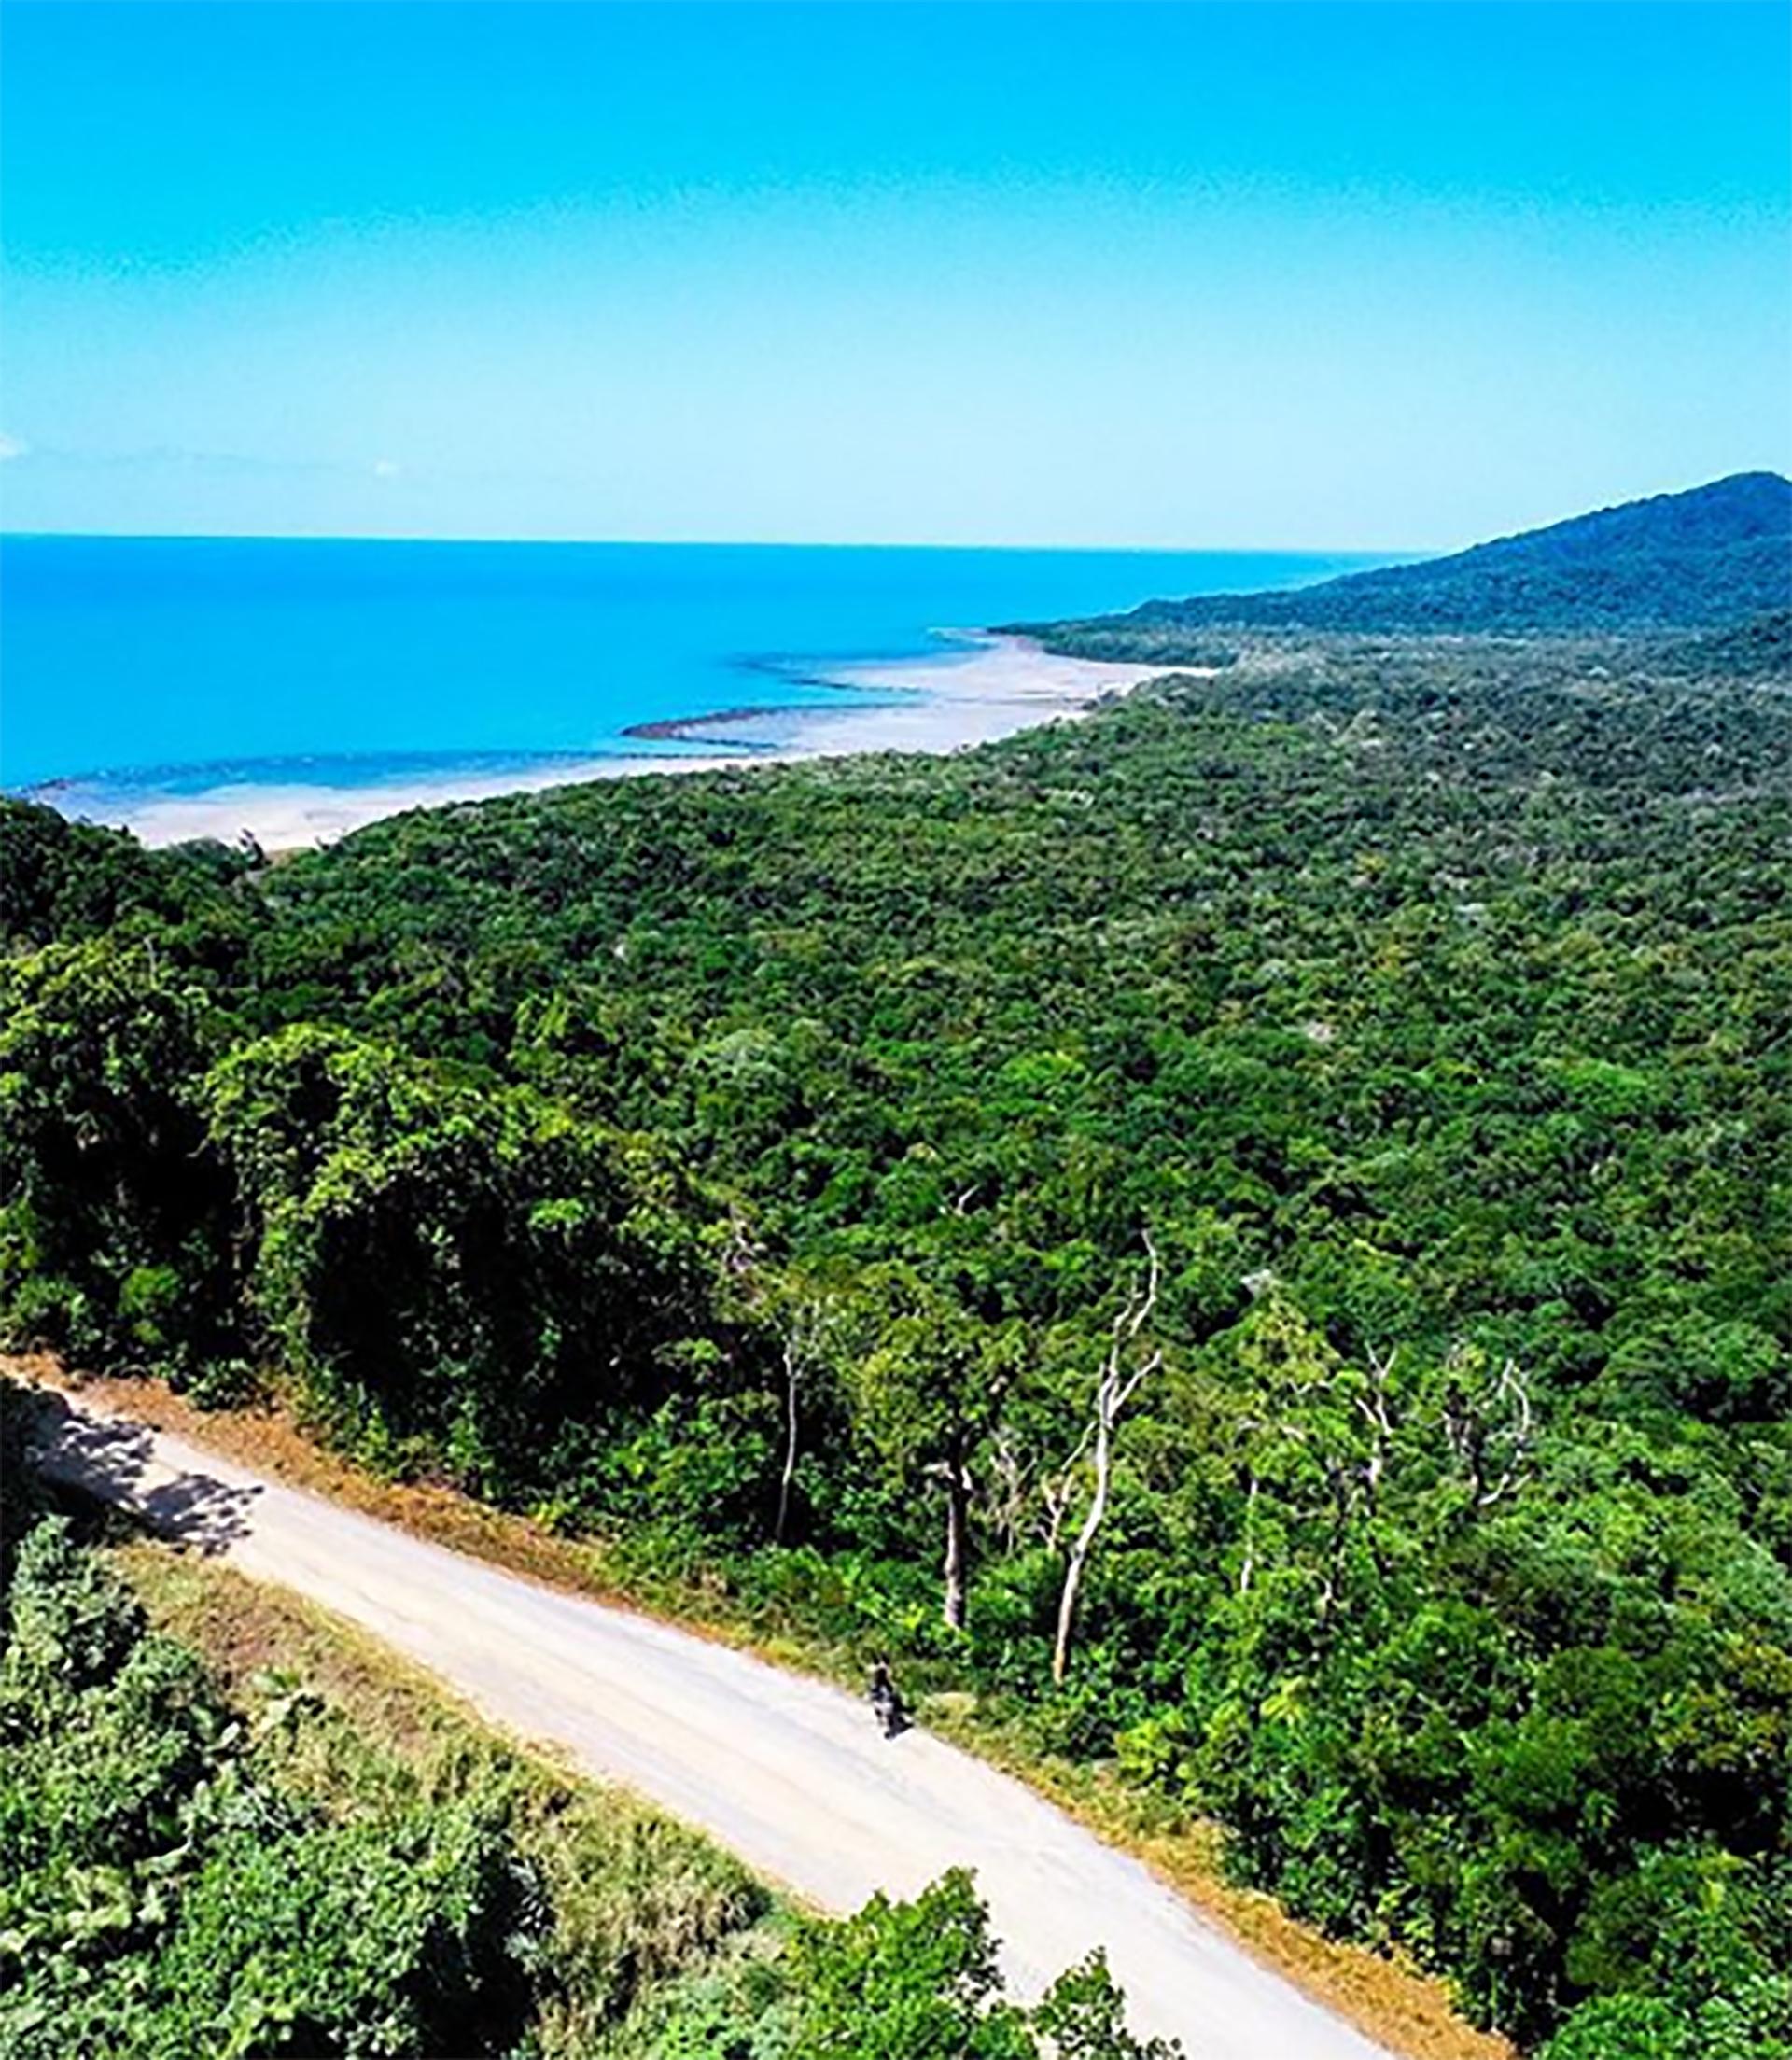 El bosque tropical de Daintree es el más antiguo de la tierra (@oneridearmy)